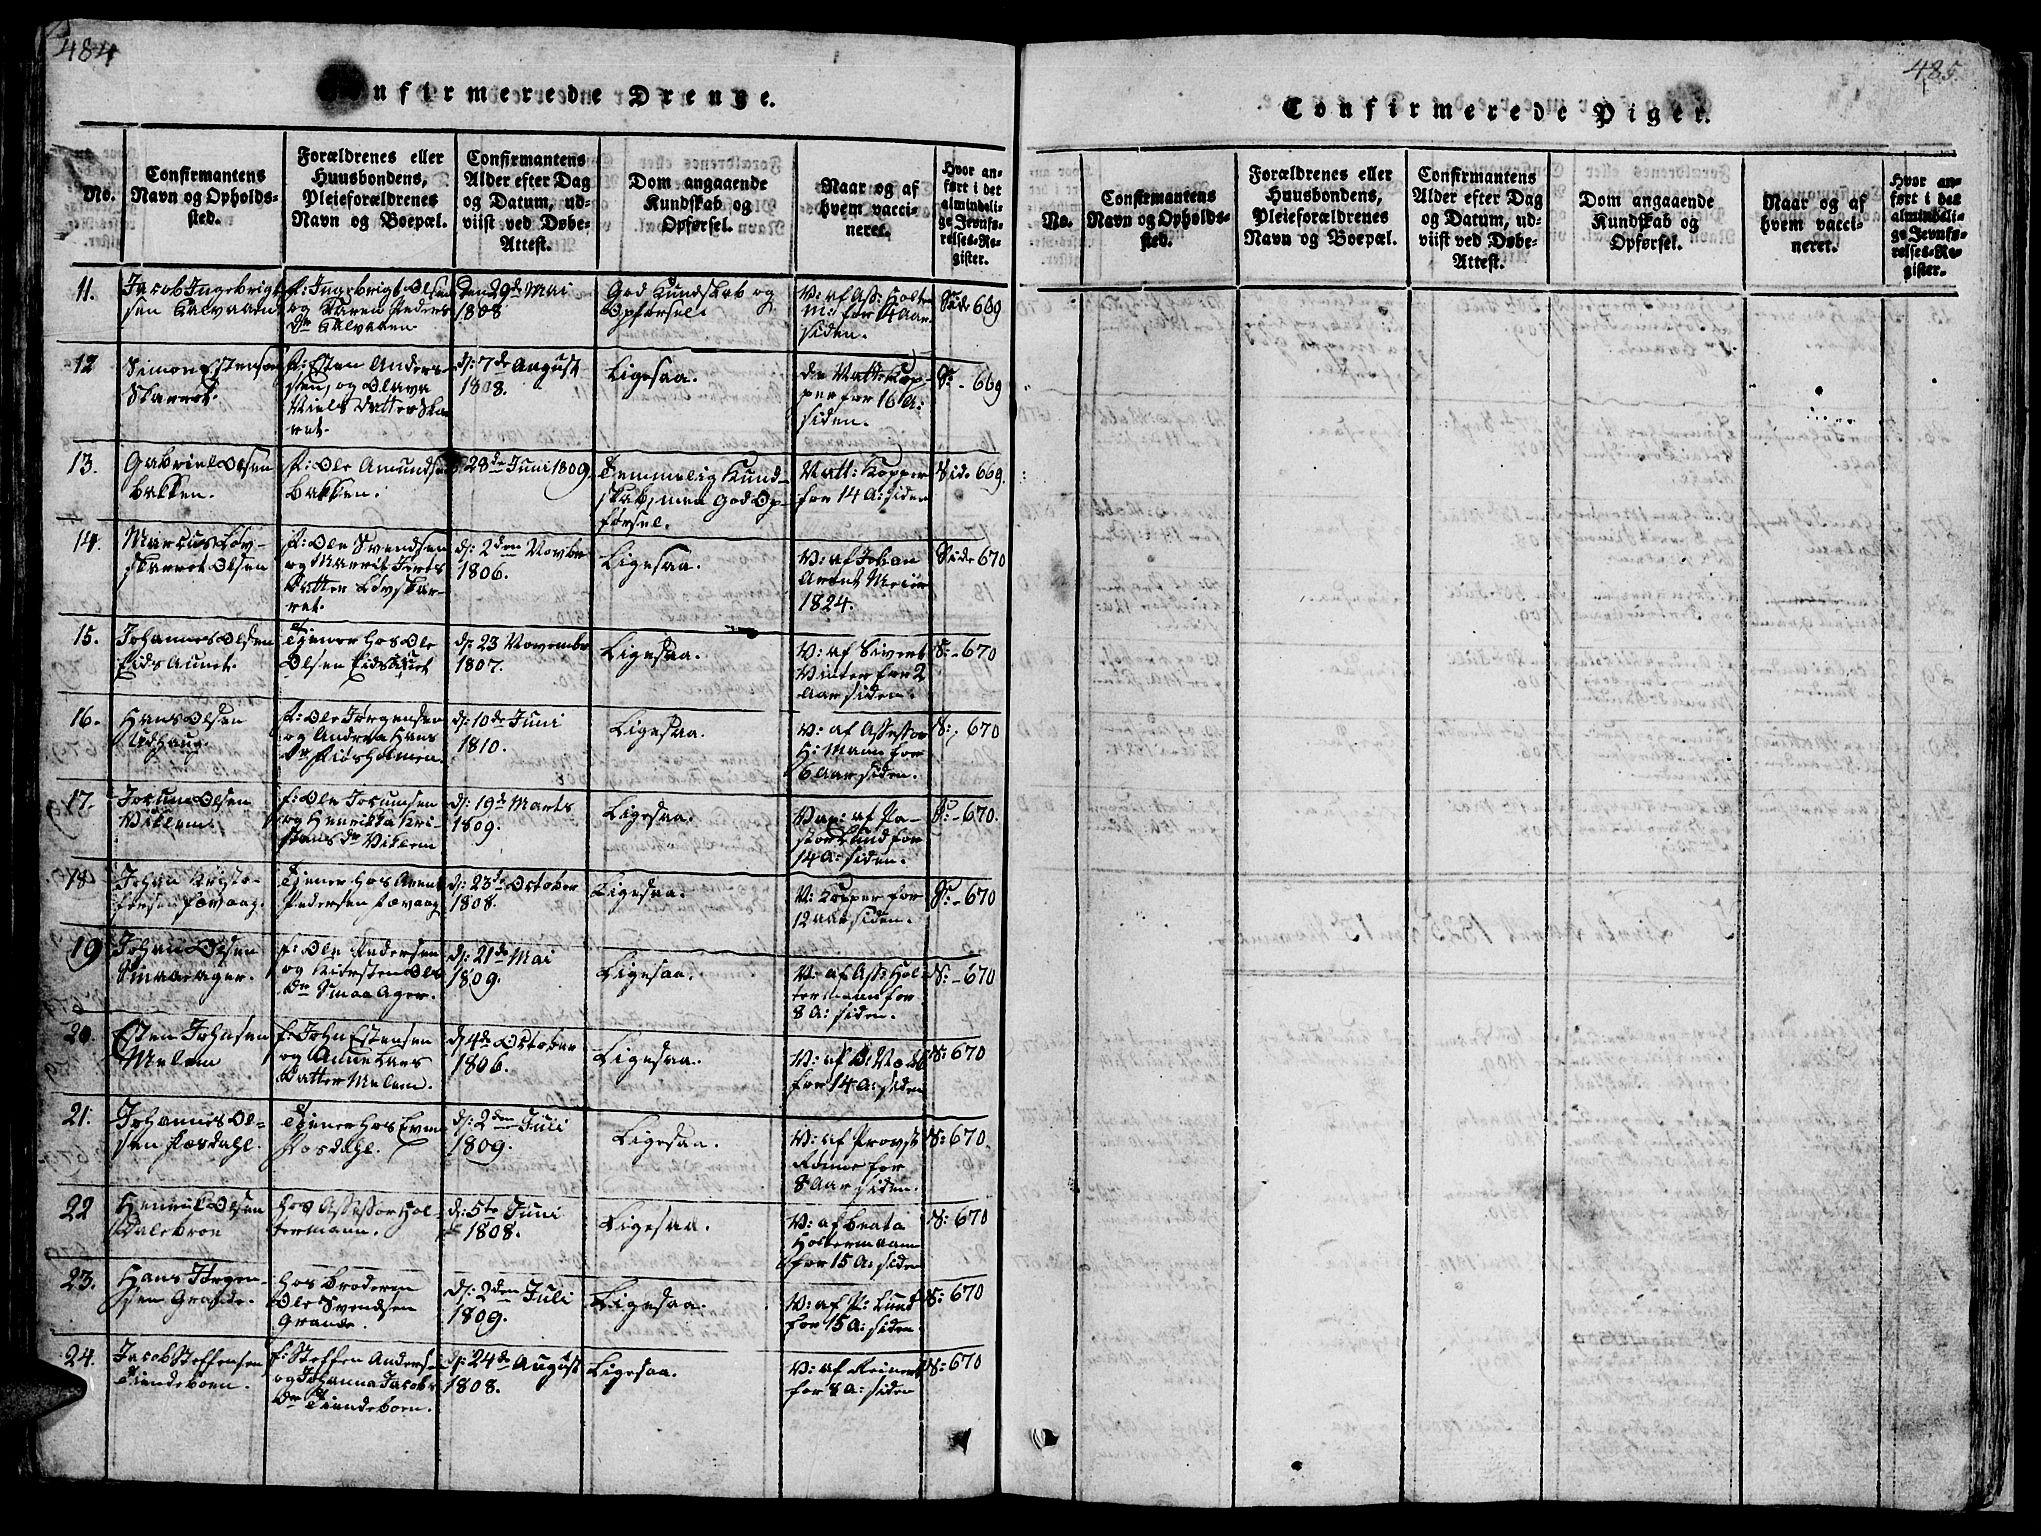 SAT, Ministerialprotokoller, klokkerbøker og fødselsregistre - Sør-Trøndelag, 659/L0744: Klokkerbok nr. 659C01, 1818-1825, s. 484-485